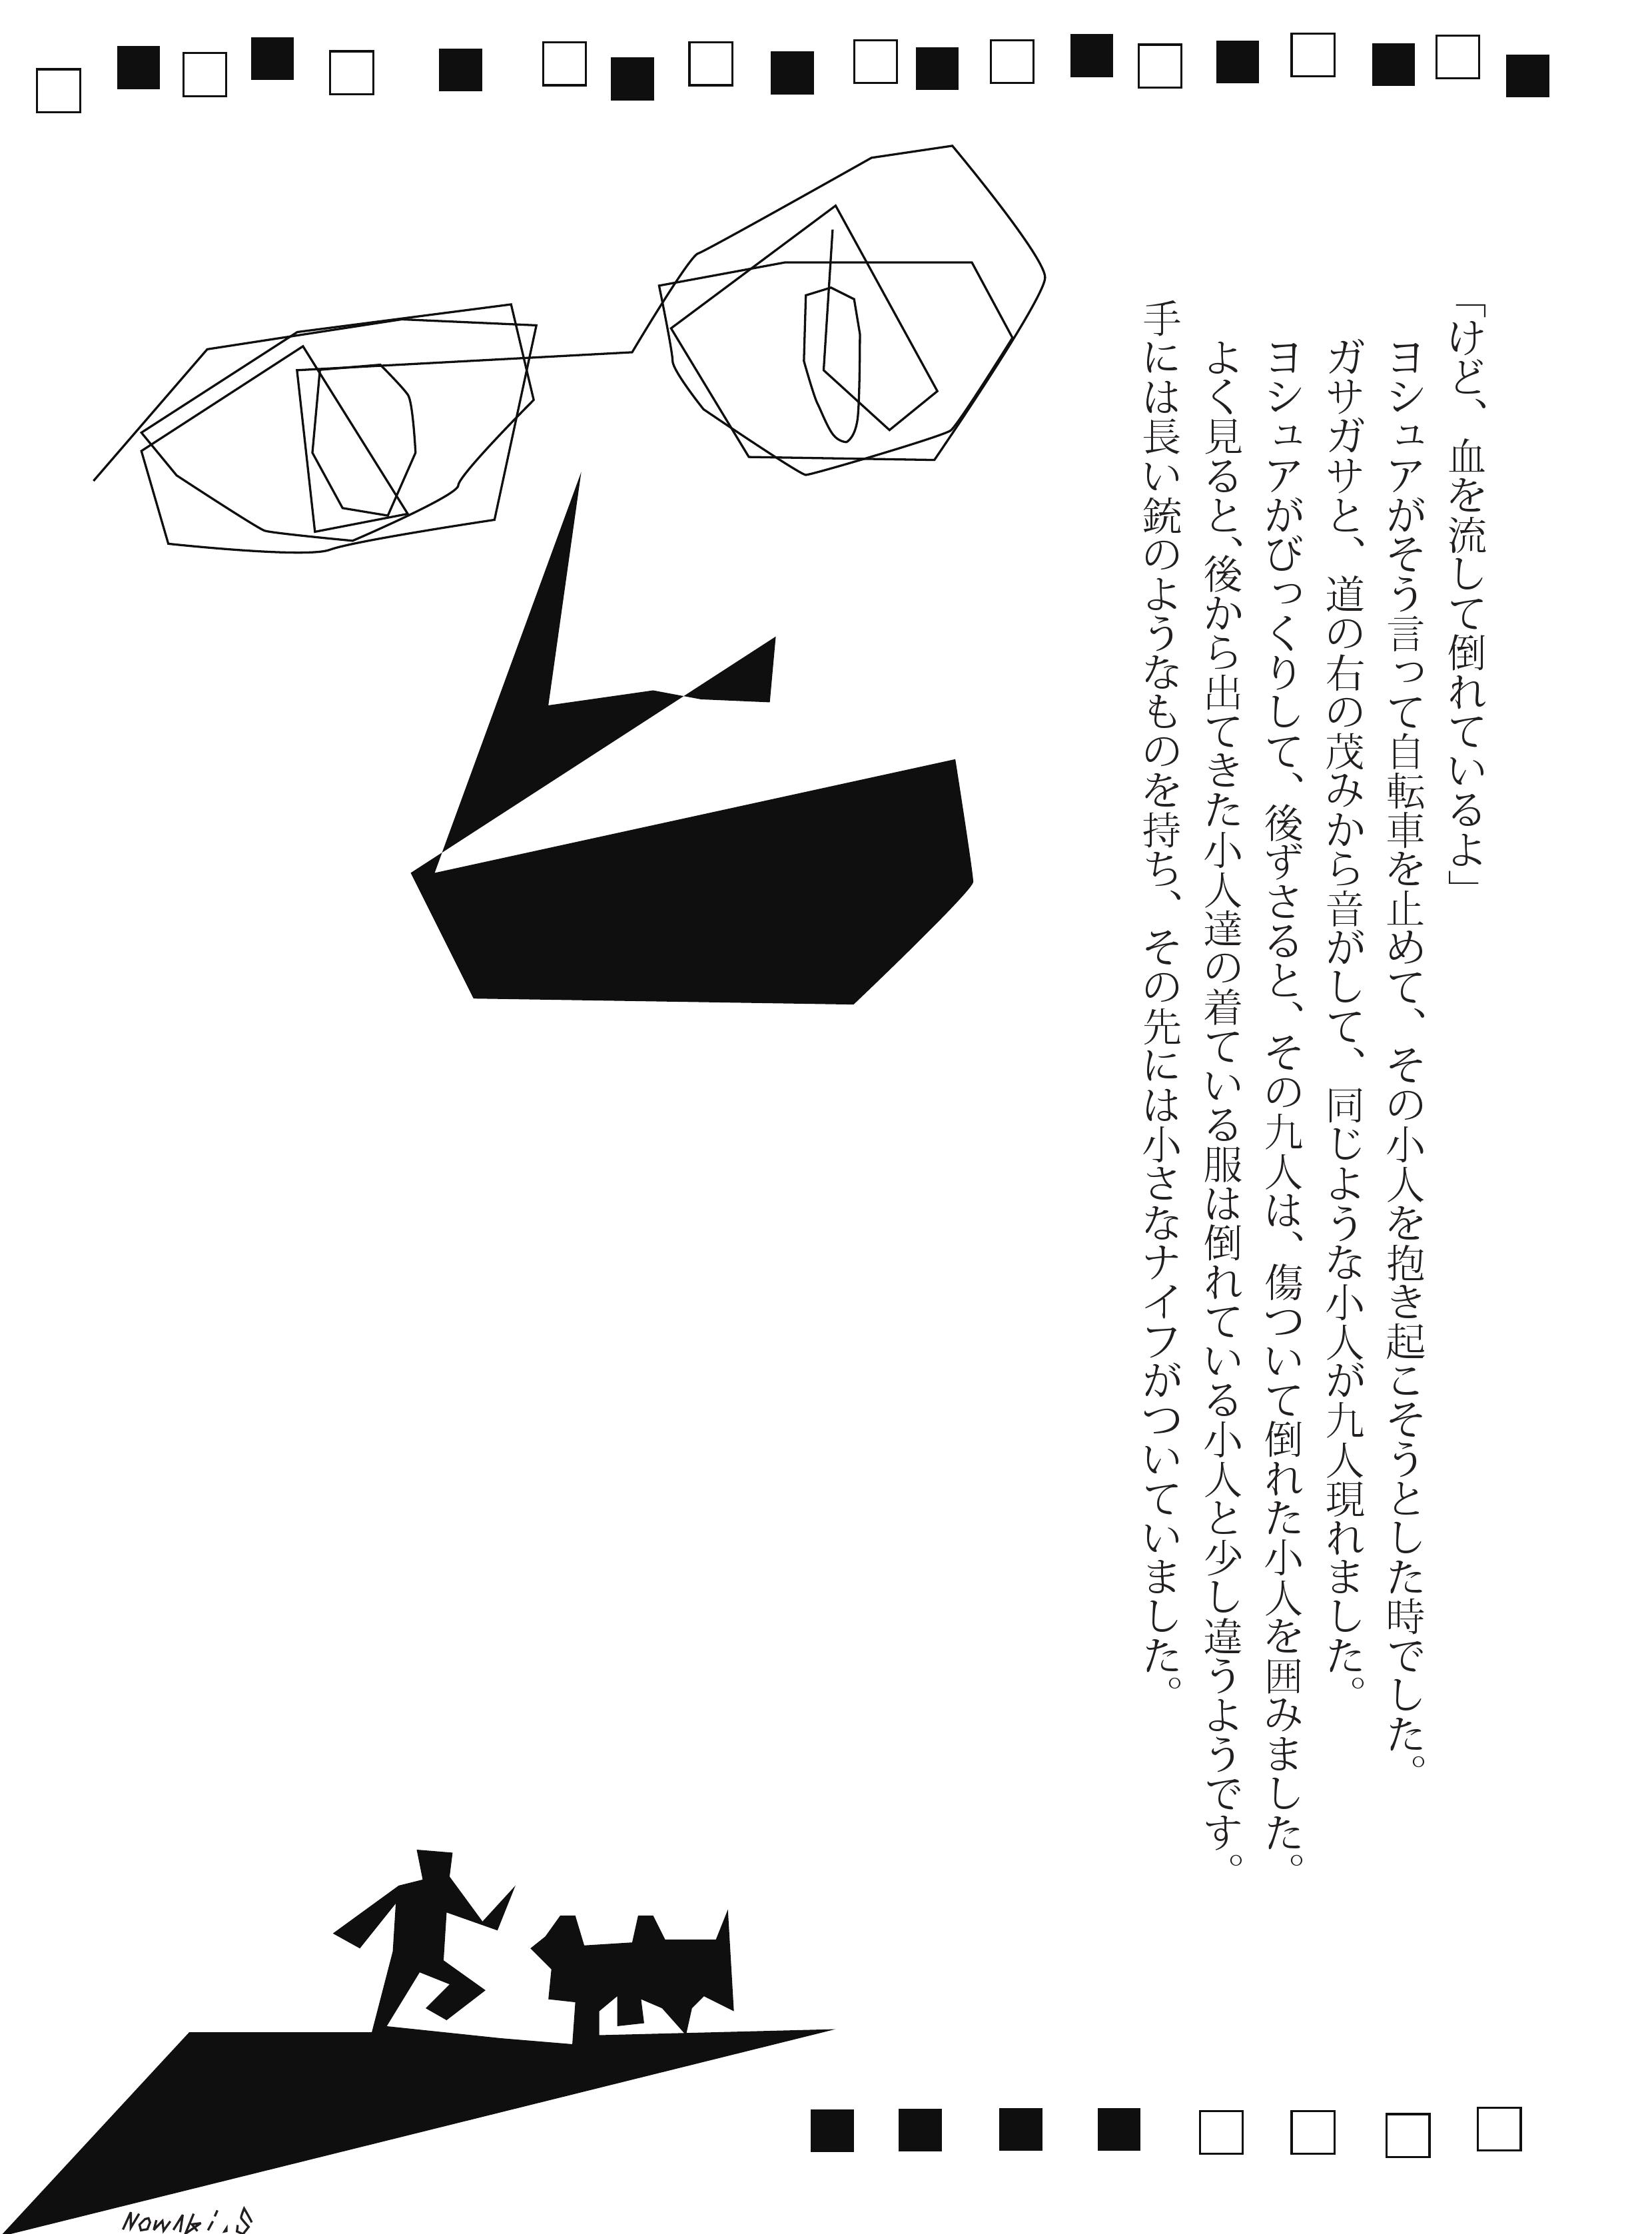 image_068